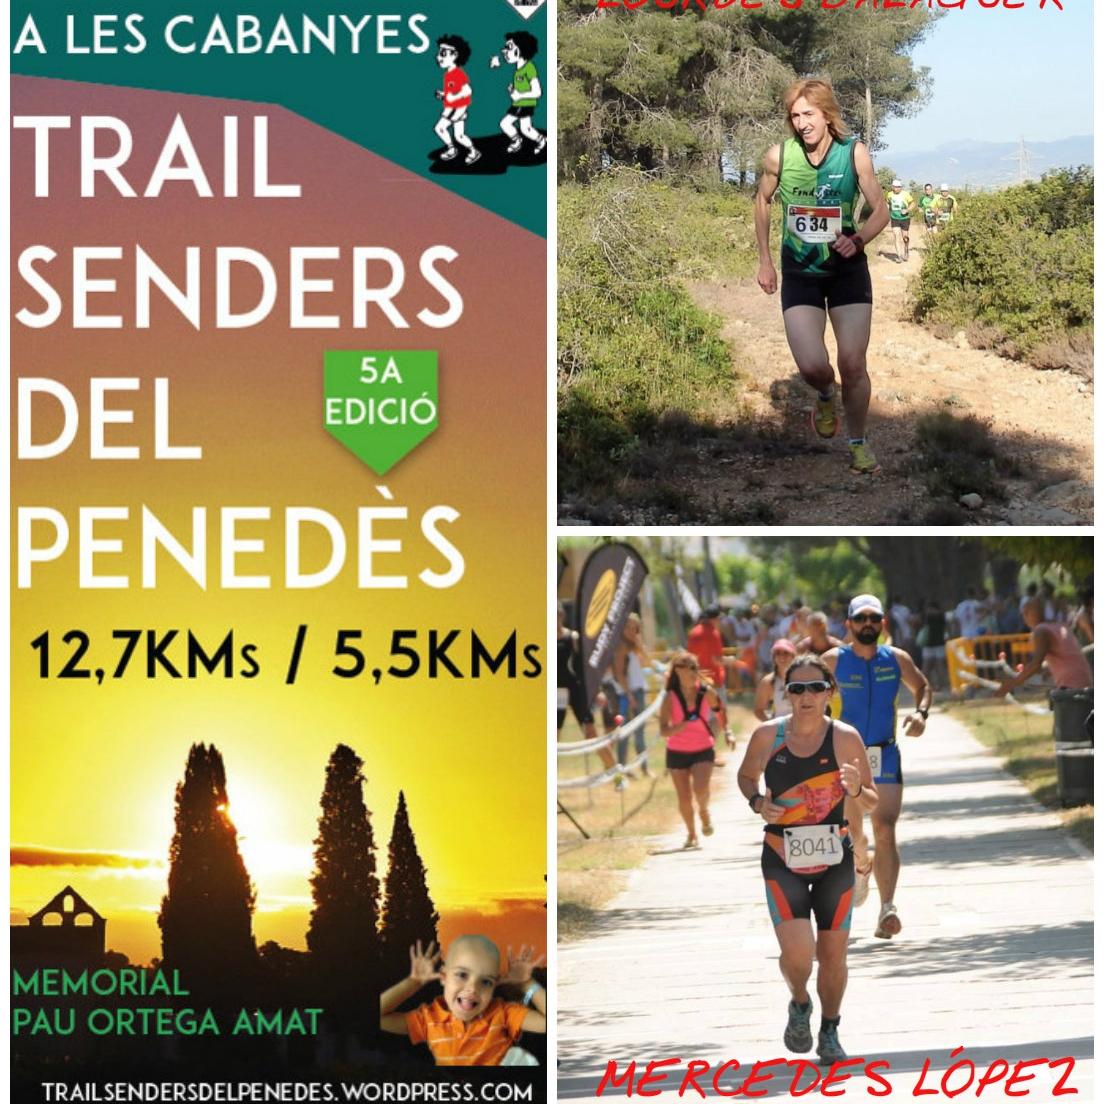 Trail Senders del Penedès